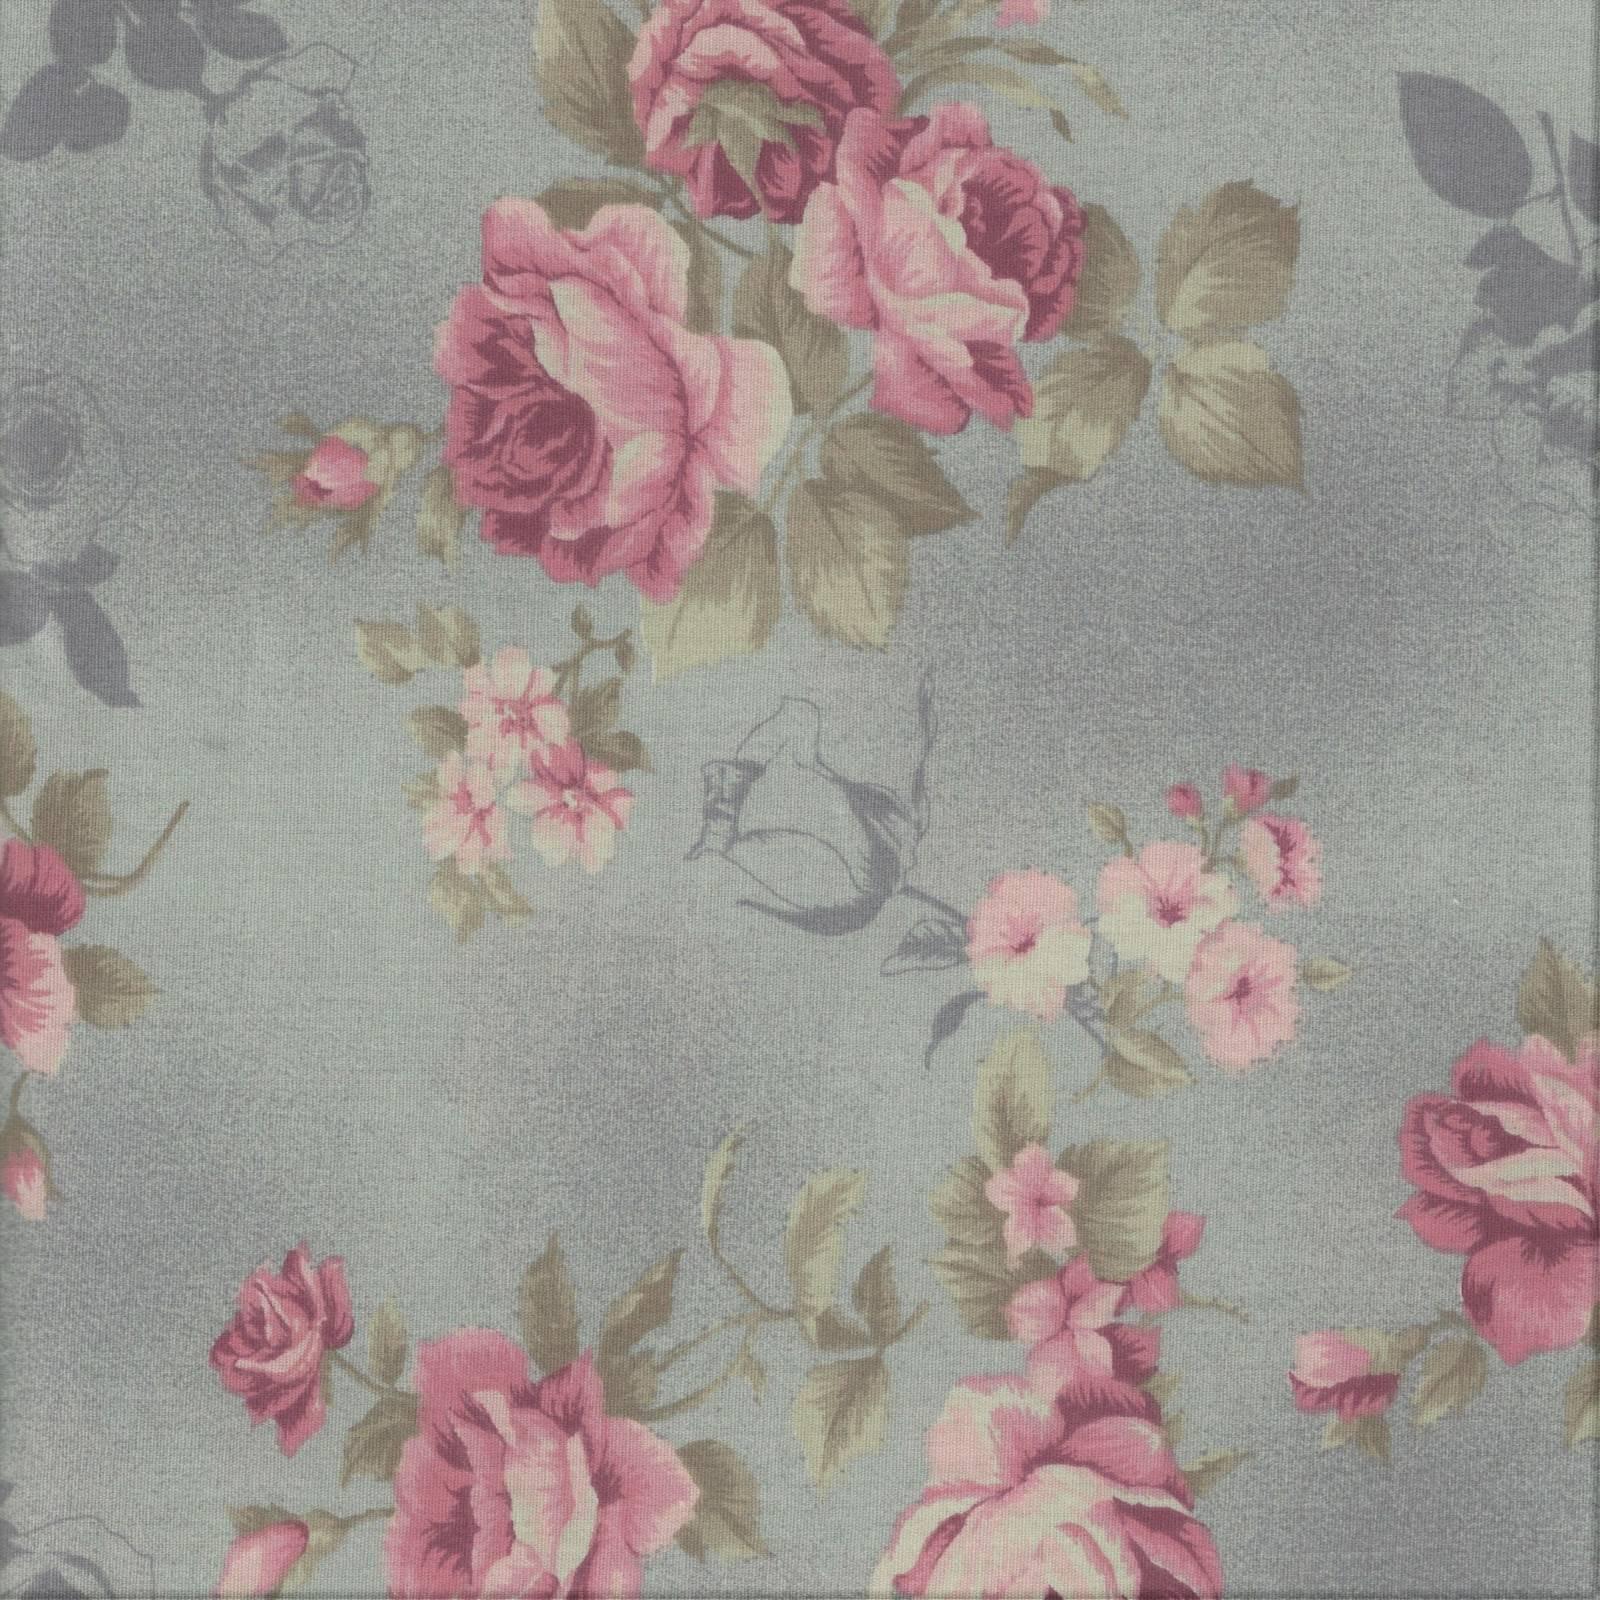 Rosas Com Textura Cor Cinza Ref. MV001 Cor 04 Fernando Maluhy - Armarinhos Nodari